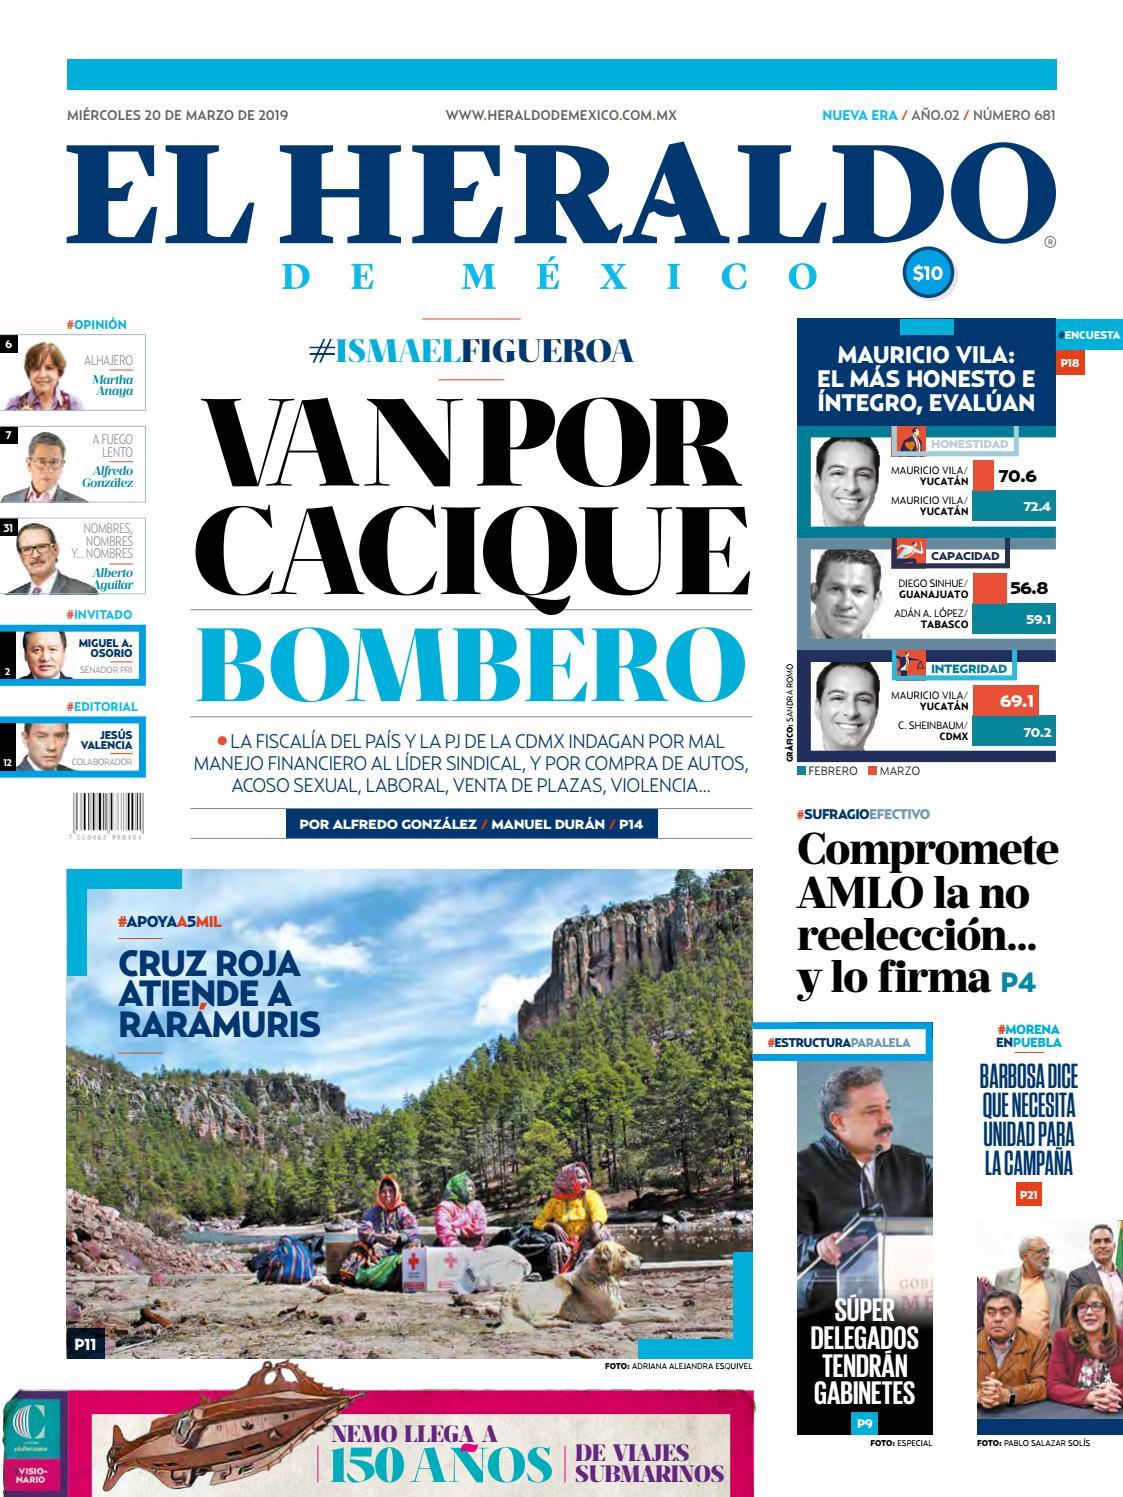 Miércoles 20 De Marzo De 2019 By El Heraldo De México Issuu